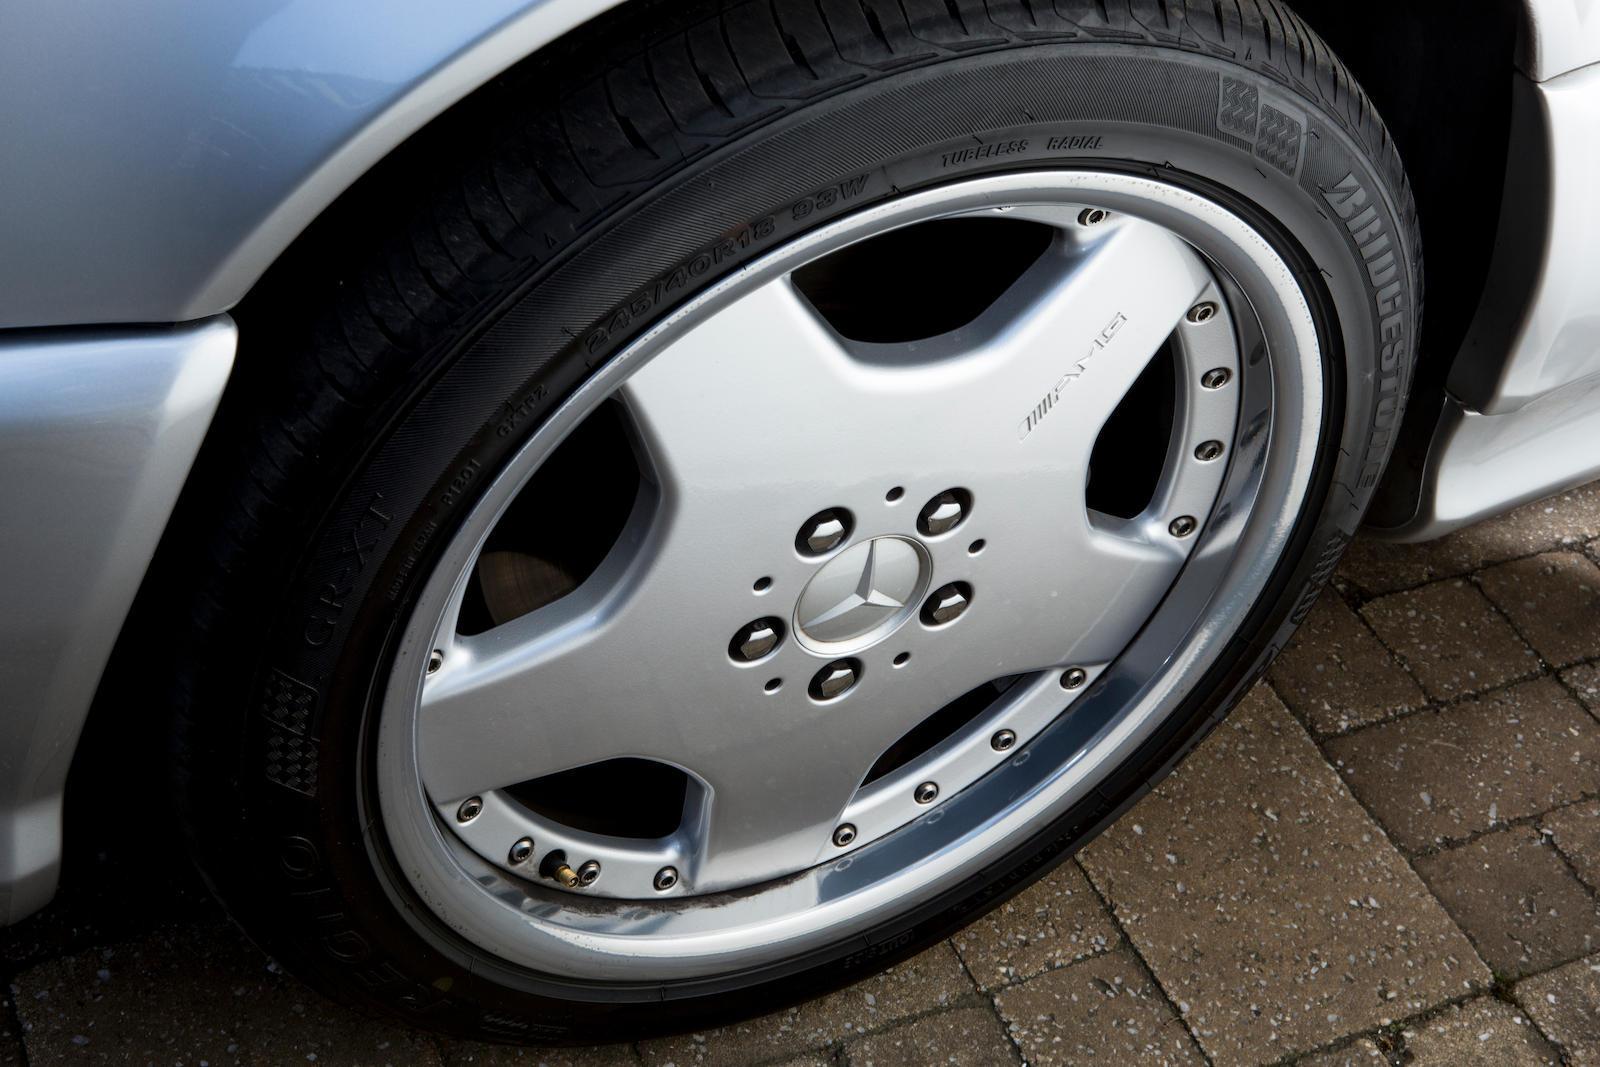 Mercedes SL72 AMG de vanzare - Mercedes SL72 AMG de vanzare